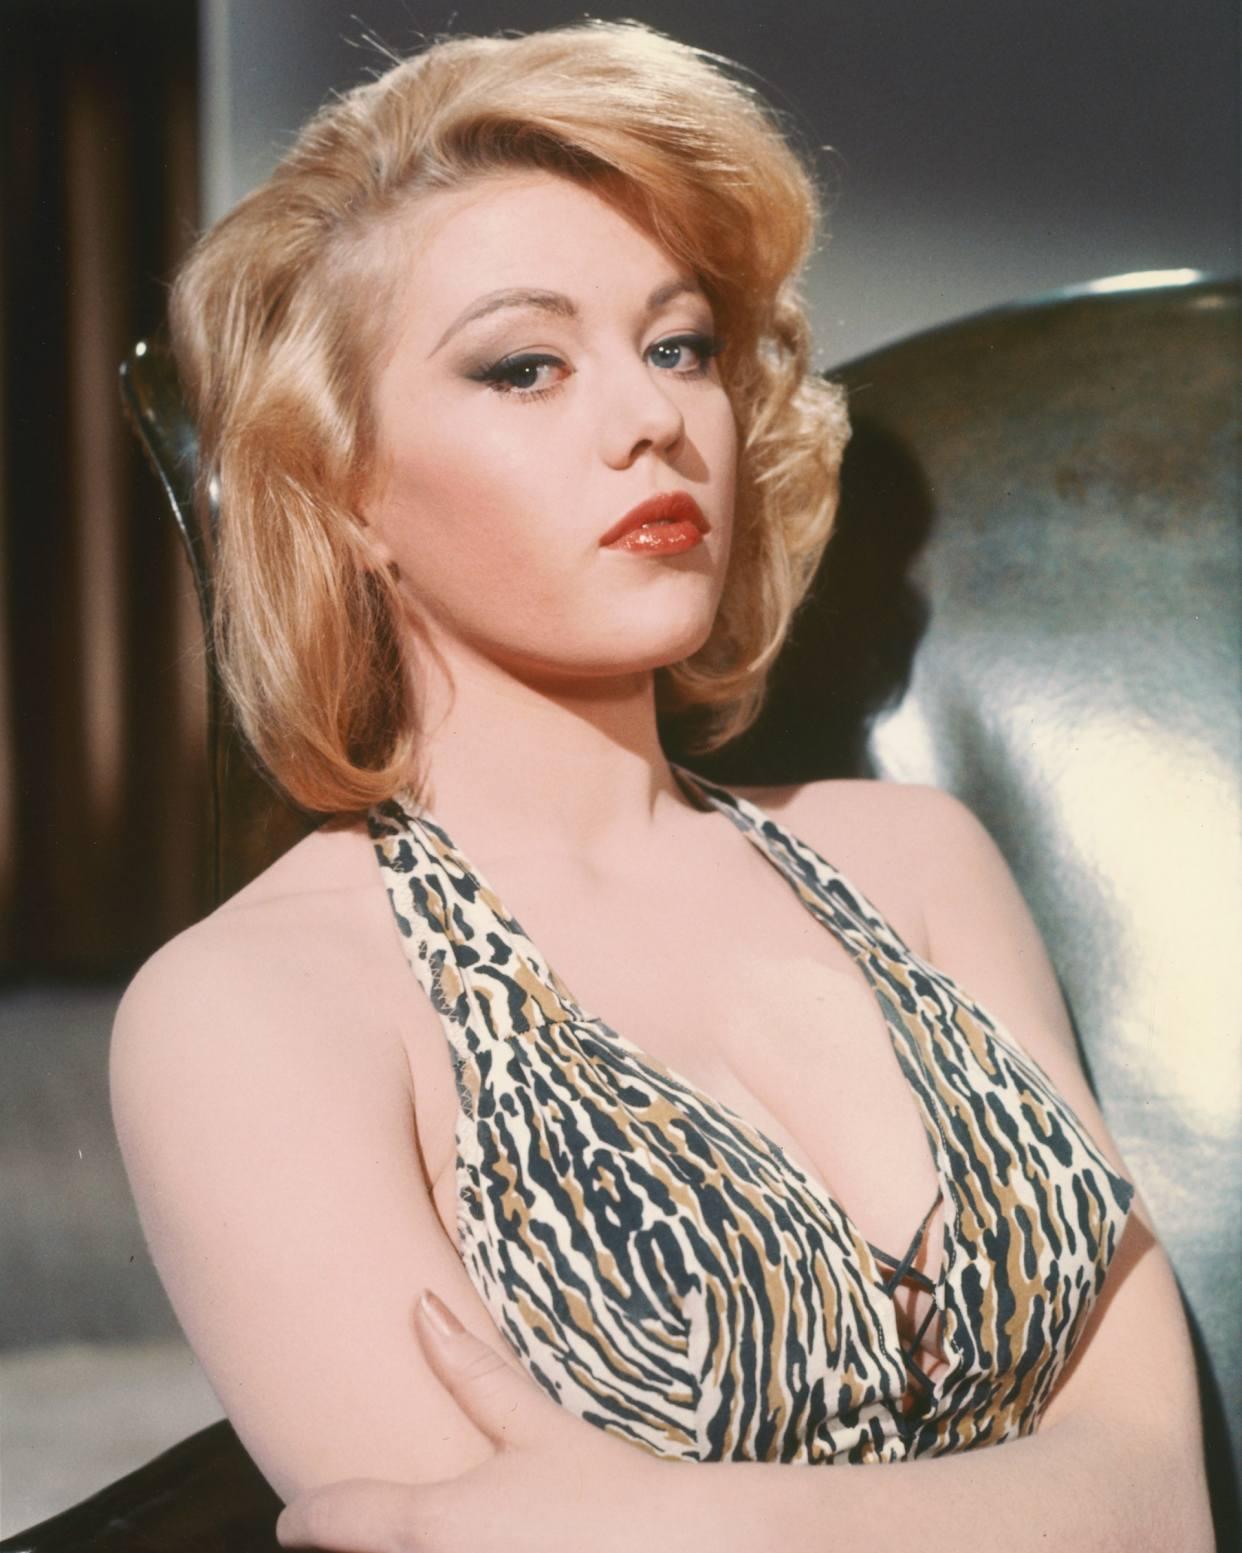 007女郎Margaret Nolan逝世終年76歲全金性感造型成經典-圖6